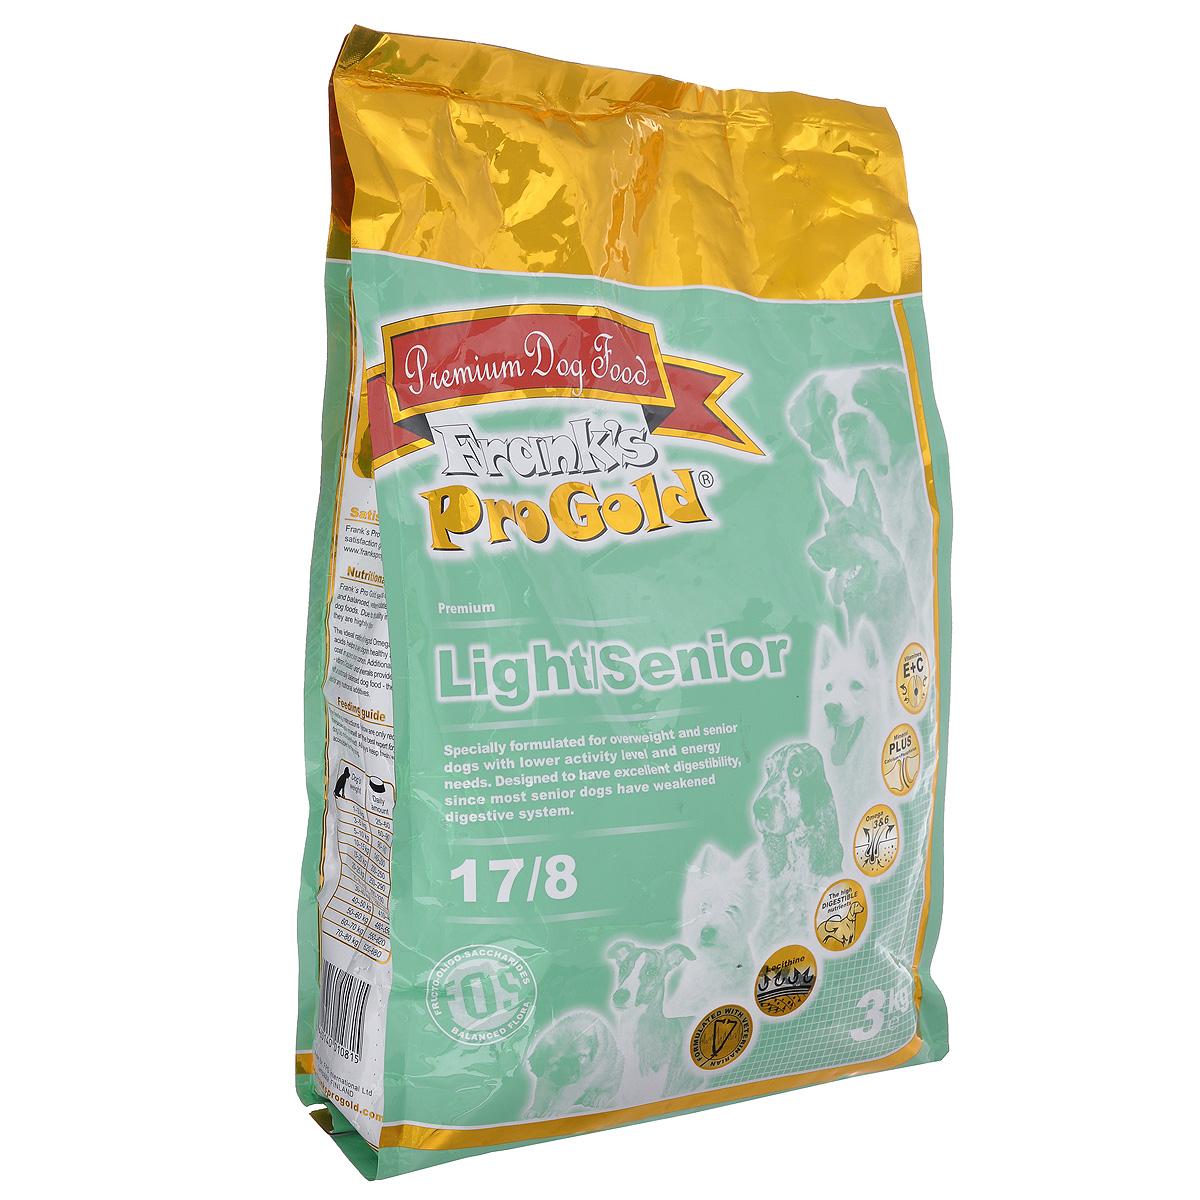 Franks ProGold Для собак Контроль веса: Индейка и Курица (Light/Senior 17/8), 3 кг.17924Состав: маис, дегидрированное мясо индейки, рис, свекла, куриный жир, гидролизованная куриная печень, льняное семя, кэроб, дегидрированная рыба, дрожжи, яичный порошок, минералы и витамины, гидролизованные хрящи (источник хондроитина), гидролизованные рачки (источник глюкозамина), L-карнитин, лецитин (мин. 0,5 %), инулин (мин. 0,5 % FOS), таурин. Пищевая ценность: Белки 17,0 %, жиры 8,0 %, клетчатка 2,5 %, зола 5,0 %, влажность 8,0 %, фосфор 0,65 %, кальций 0,8 %. Добавки: Витамин-A (E672) 15000 IU/кг, витамин-D3 (E671) 1500 IU/кг, витамин-E (альфа токоферола ацетат) 100 мг/кг, витамин-C (фосфат аскорбиновой кислоты) 100 мг/кг, E1 50 мг/кг, E2 1,5 мг/кг, E3 1,0 мг/кг, E4 8 мг/кг, E5 35 мг/кг, E6 65 мг/кг, E8 0,3 мг/кг. Калорийность: 3357,5 ккал/кг